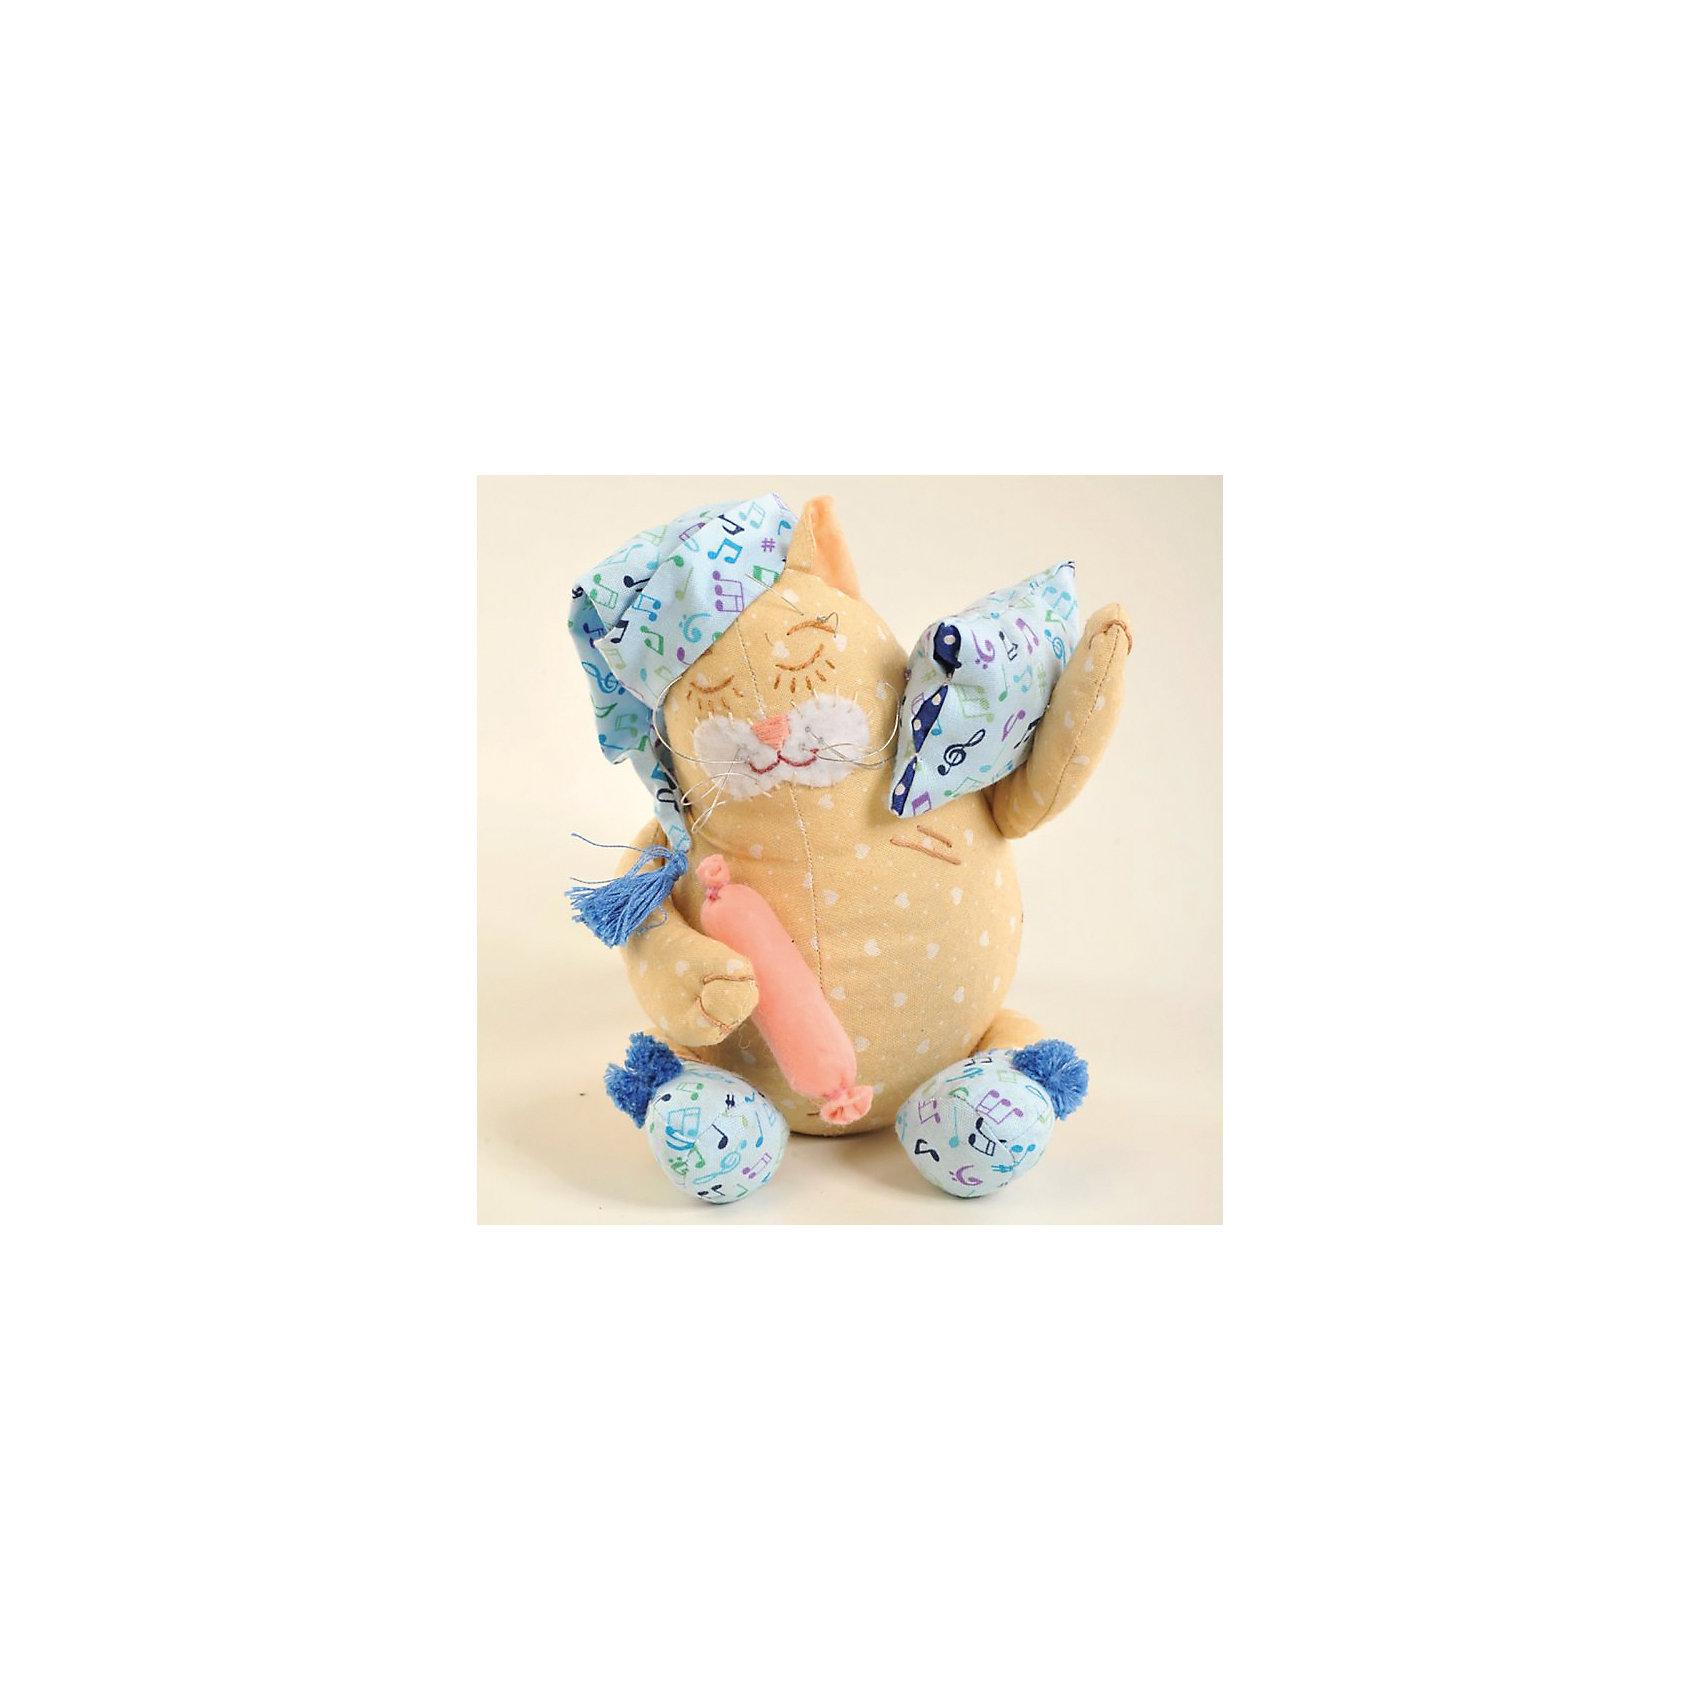 Набор для изготовления  игрушки Кот-Баюн, ПерловкаШитьё<br>Набор для изготовления игрушки Кот-Баюн, Перловка<br><br>Характеристики: <br><br>• Размер игрушки: 21,5<br>• Материал: Хлопок, Фетр, Металл, Атлас<br>• Вес: 150г<br><br>Этот набор для творчества позволит вашему ребенку создать очаровательную игрушку. Ткани в комплекте выполнены в мягких пастельных тонах и состоят из натурального хлопка. В составе имеется подробная инструкция и все необходимое для декорирования фигурки. <br><br>Особенностями данного комплекта являются входящие в состав травы лаванды, шалфея и душицы – эти натуральные компоненты действуют умиротворяюще и успокаивают. <br><br>Набор для изготовления игрушки Кот-Баюн, Перловка можно купить в нашем интернет-магазине.<br><br>Ширина мм: 150<br>Глубина мм: 10<br>Высота мм: 275<br>Вес г: 80<br>Возраст от месяцев: 60<br>Возраст до месяцев: 2147483647<br>Пол: Женский<br>Возраст: Детский<br>SKU: 5445434